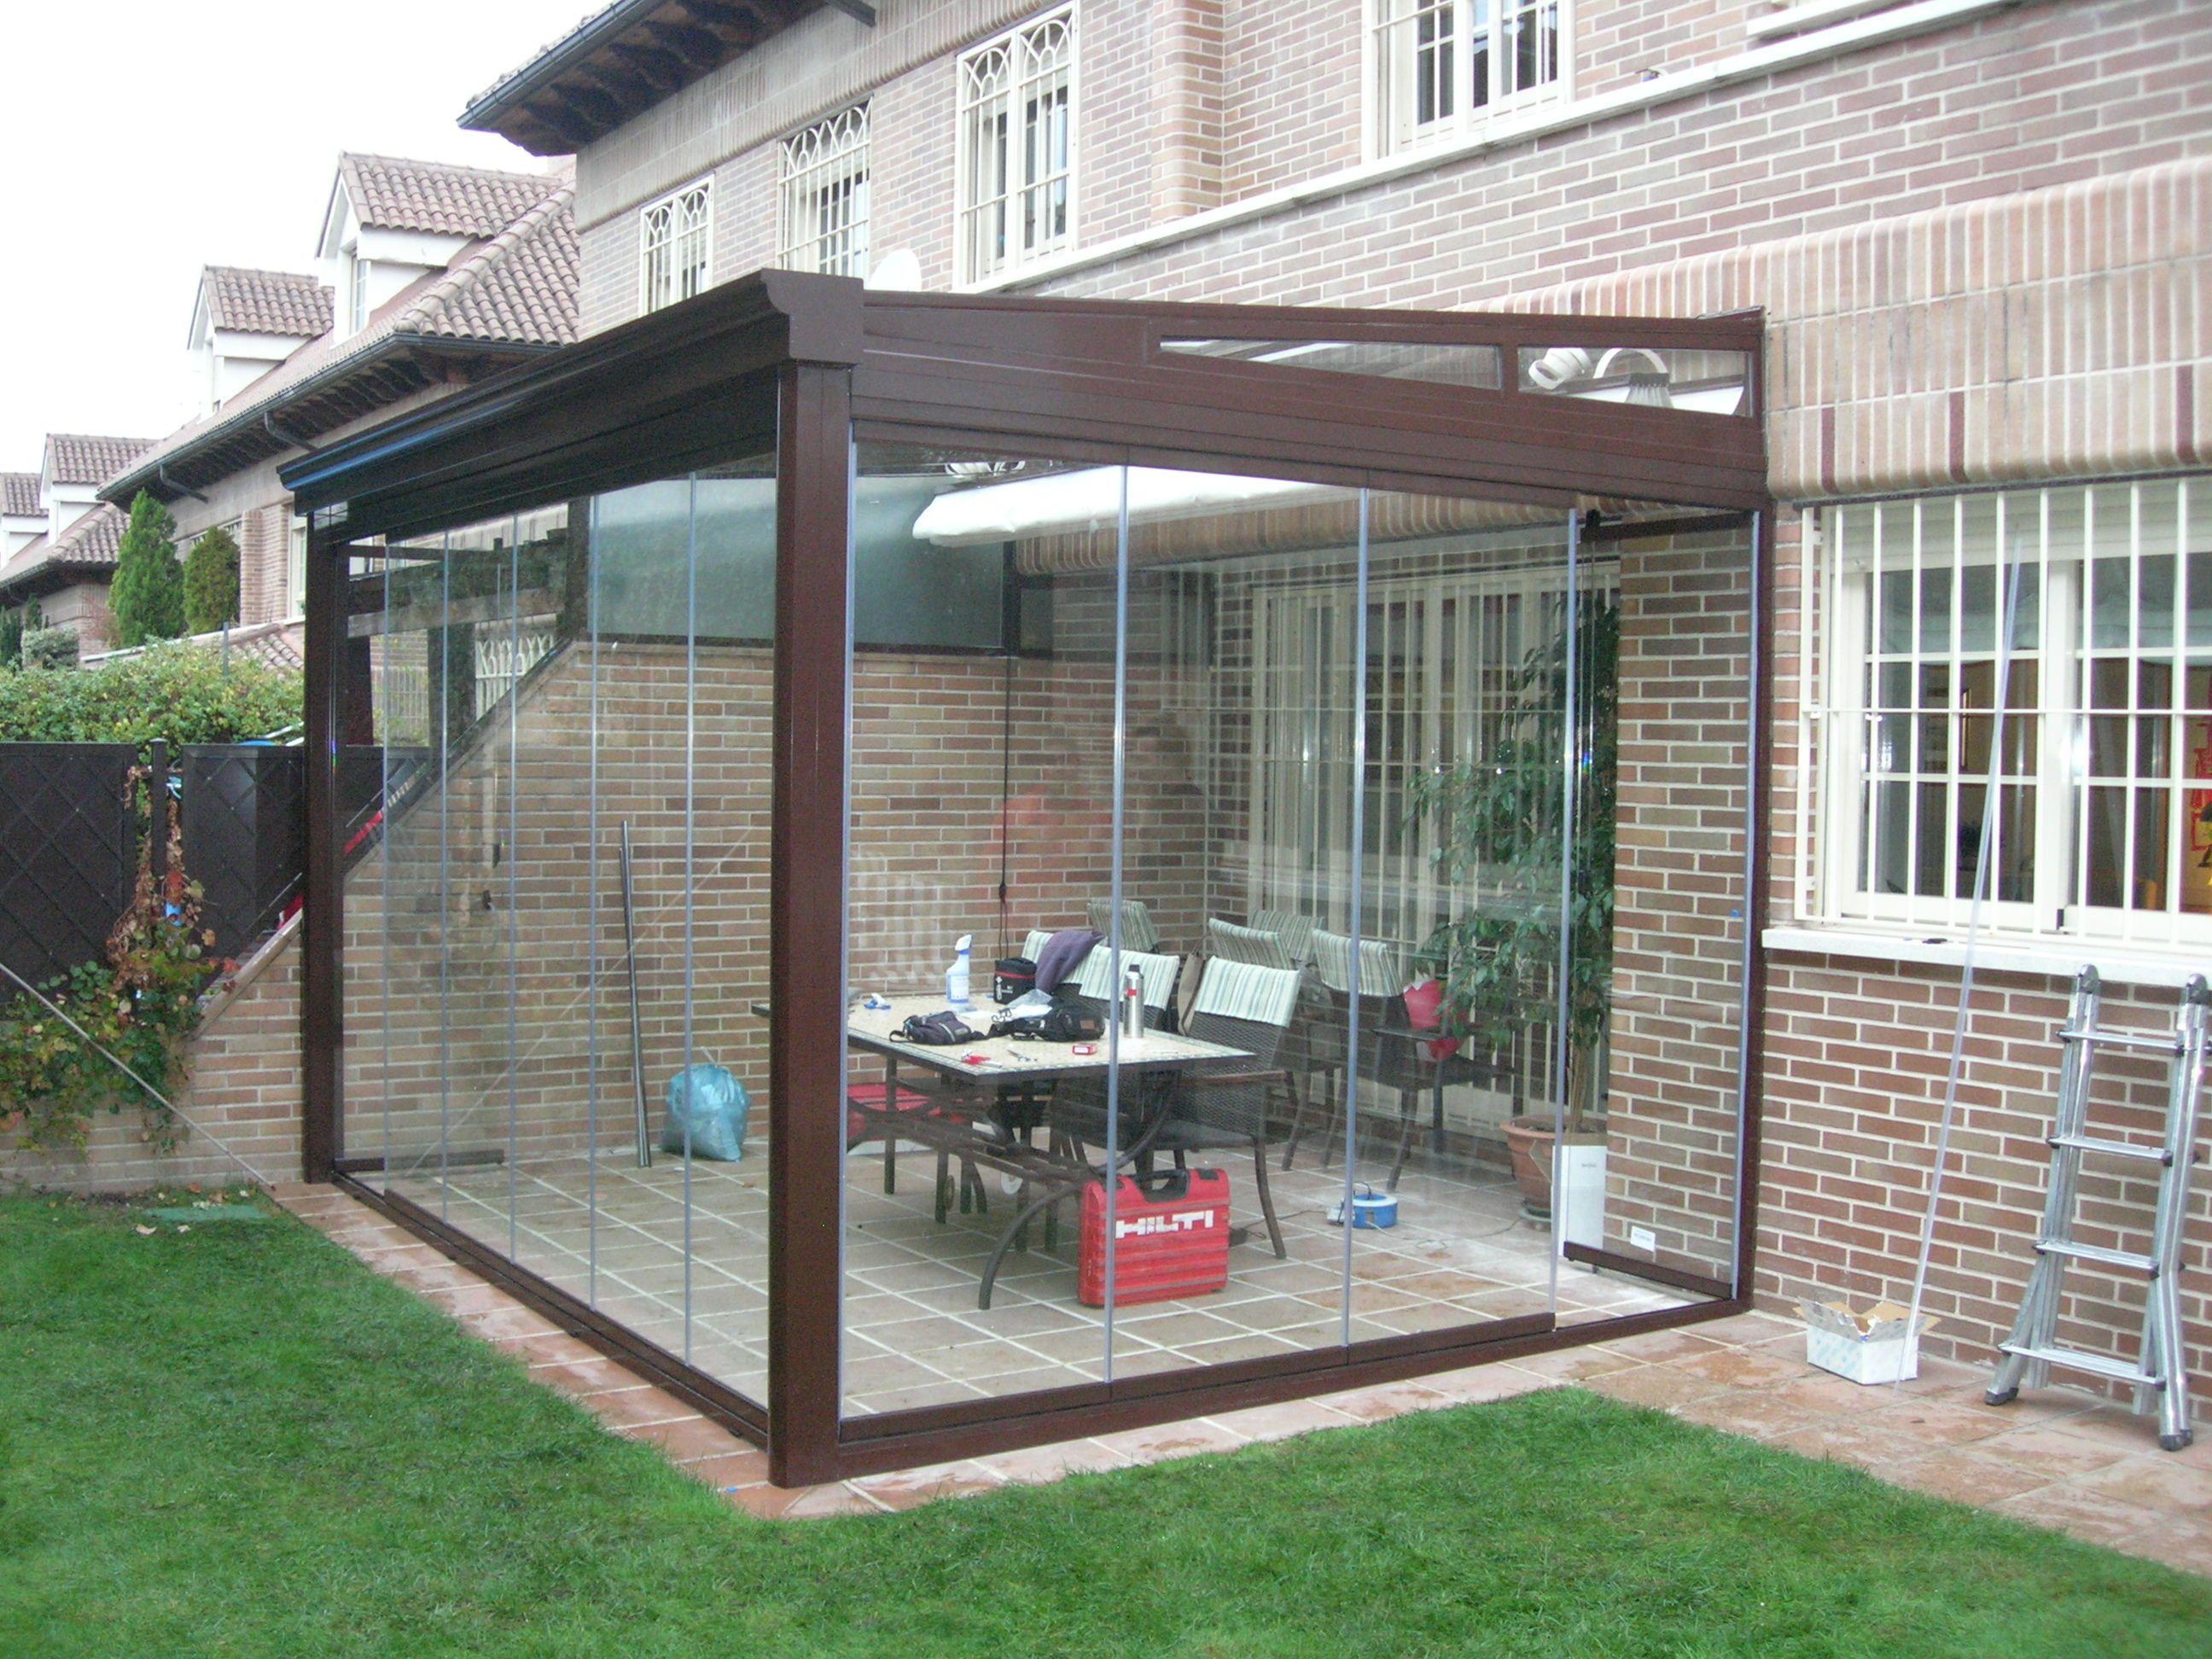 Archivo de la categor a cortina de cristal proyectos - Cortina para terraza ...